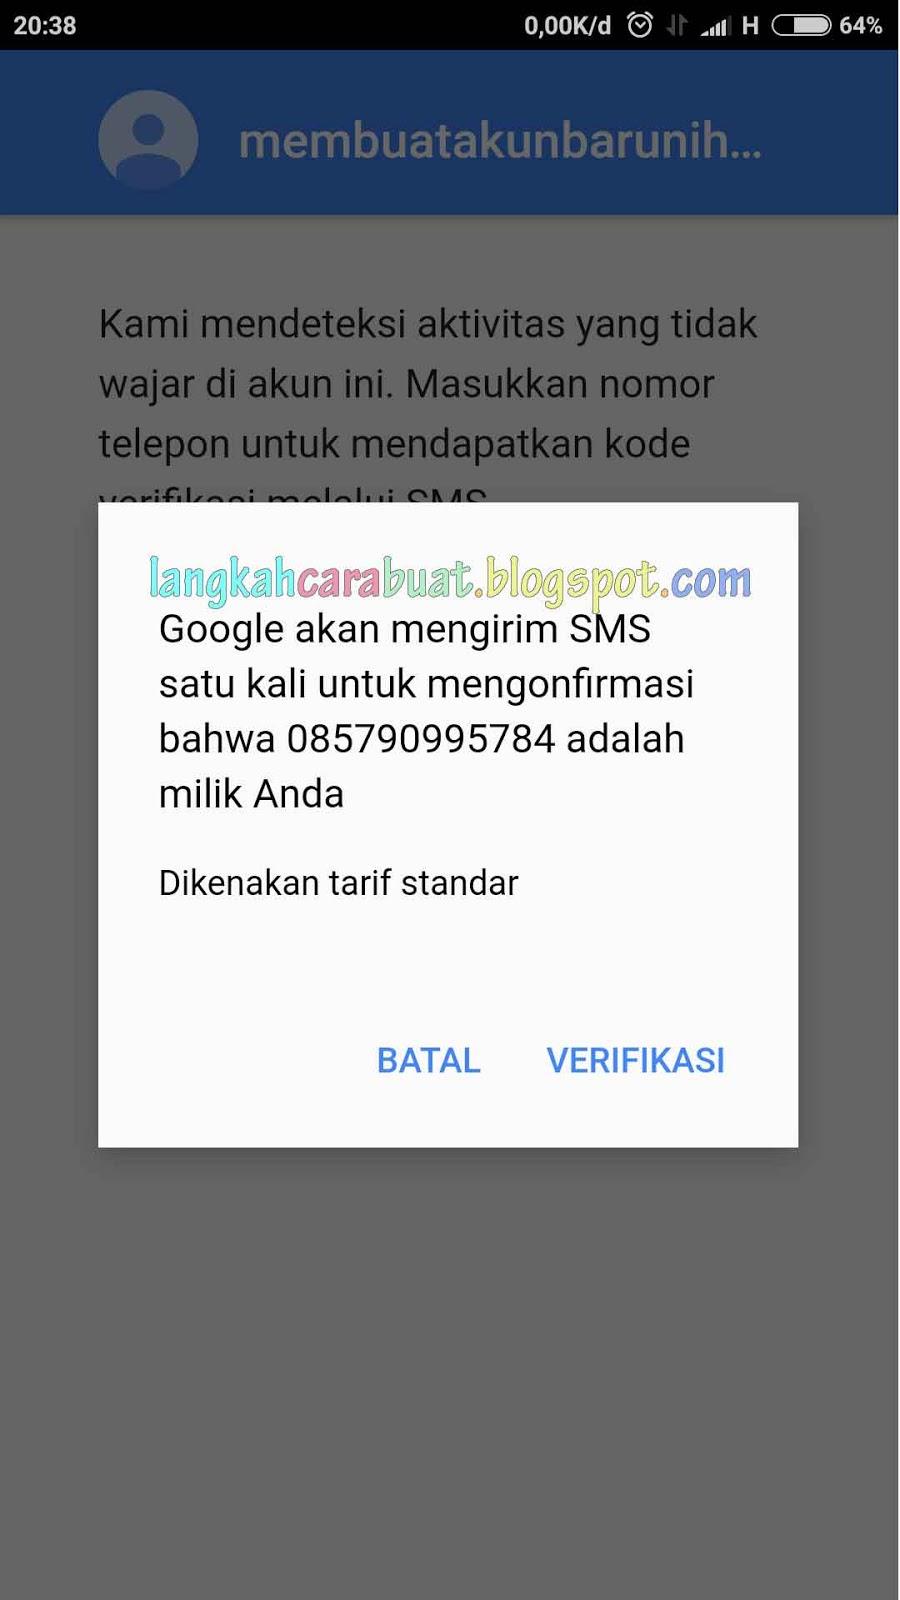 Cara Mengatasi Kenapa Tidak Bisa Masuk Akun Google Di Android